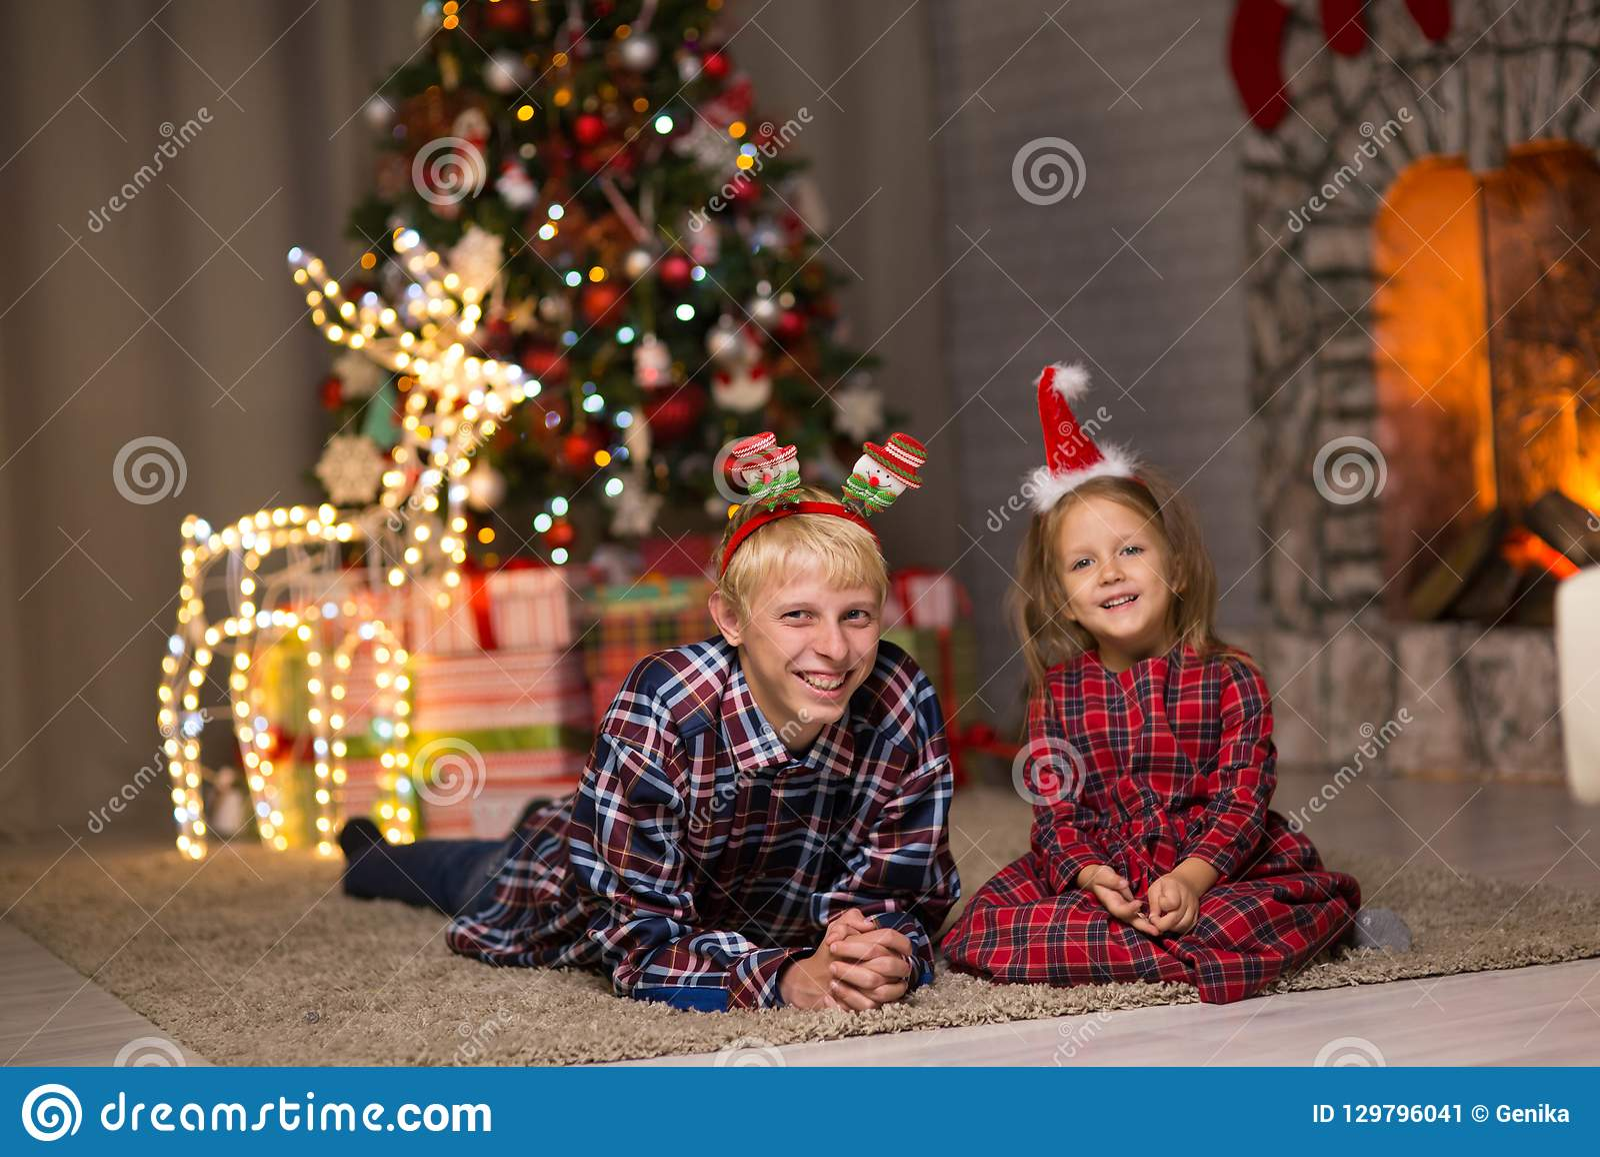 Bruder und Schwester nahe dem Weihnachtsbaum